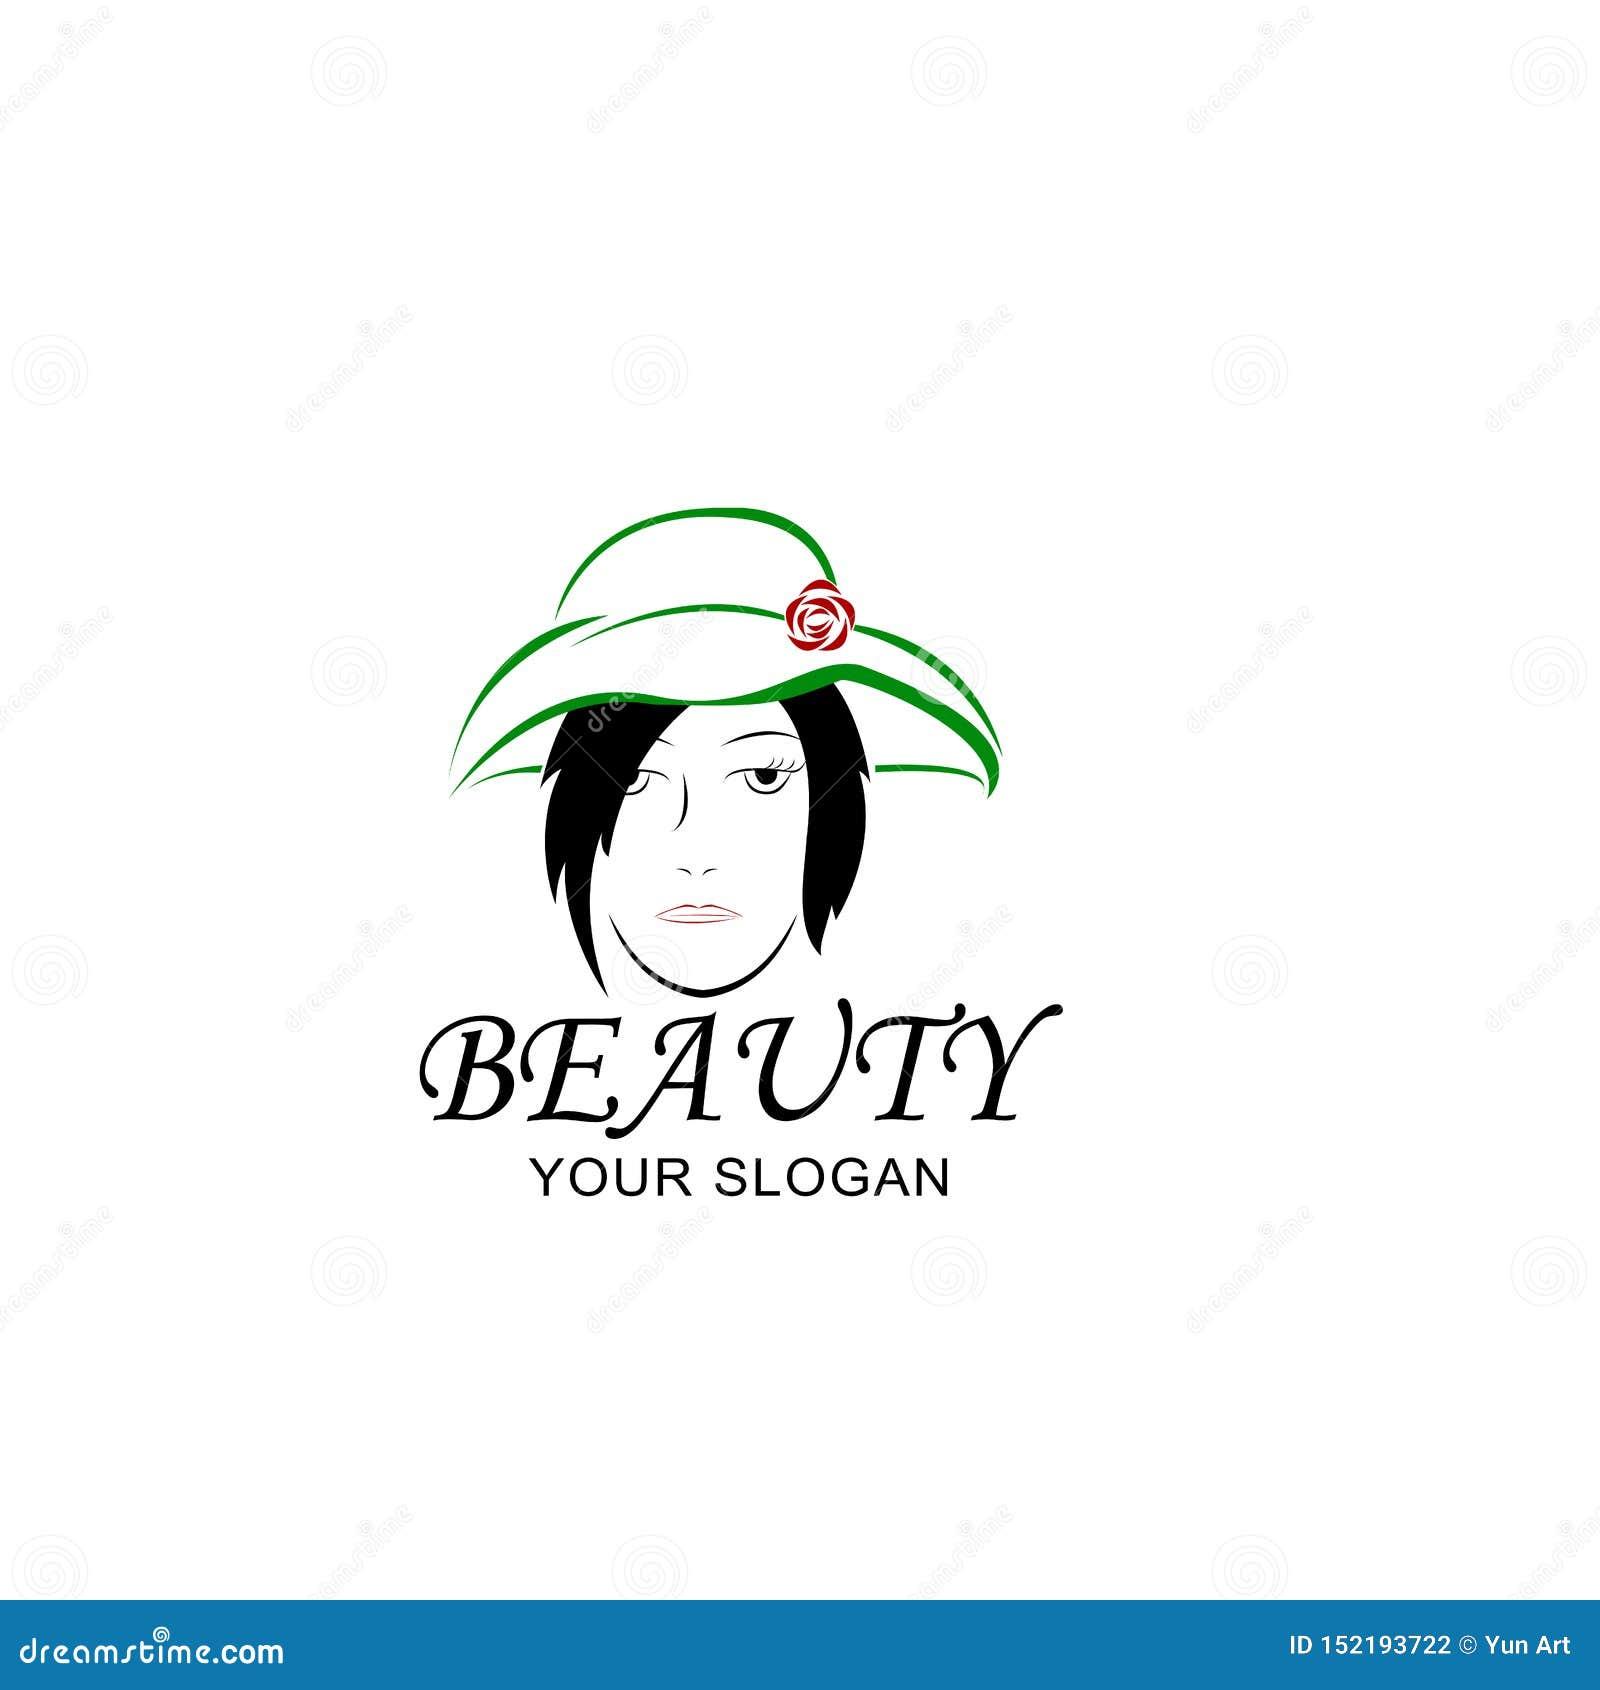 Women`s hats to beautify women